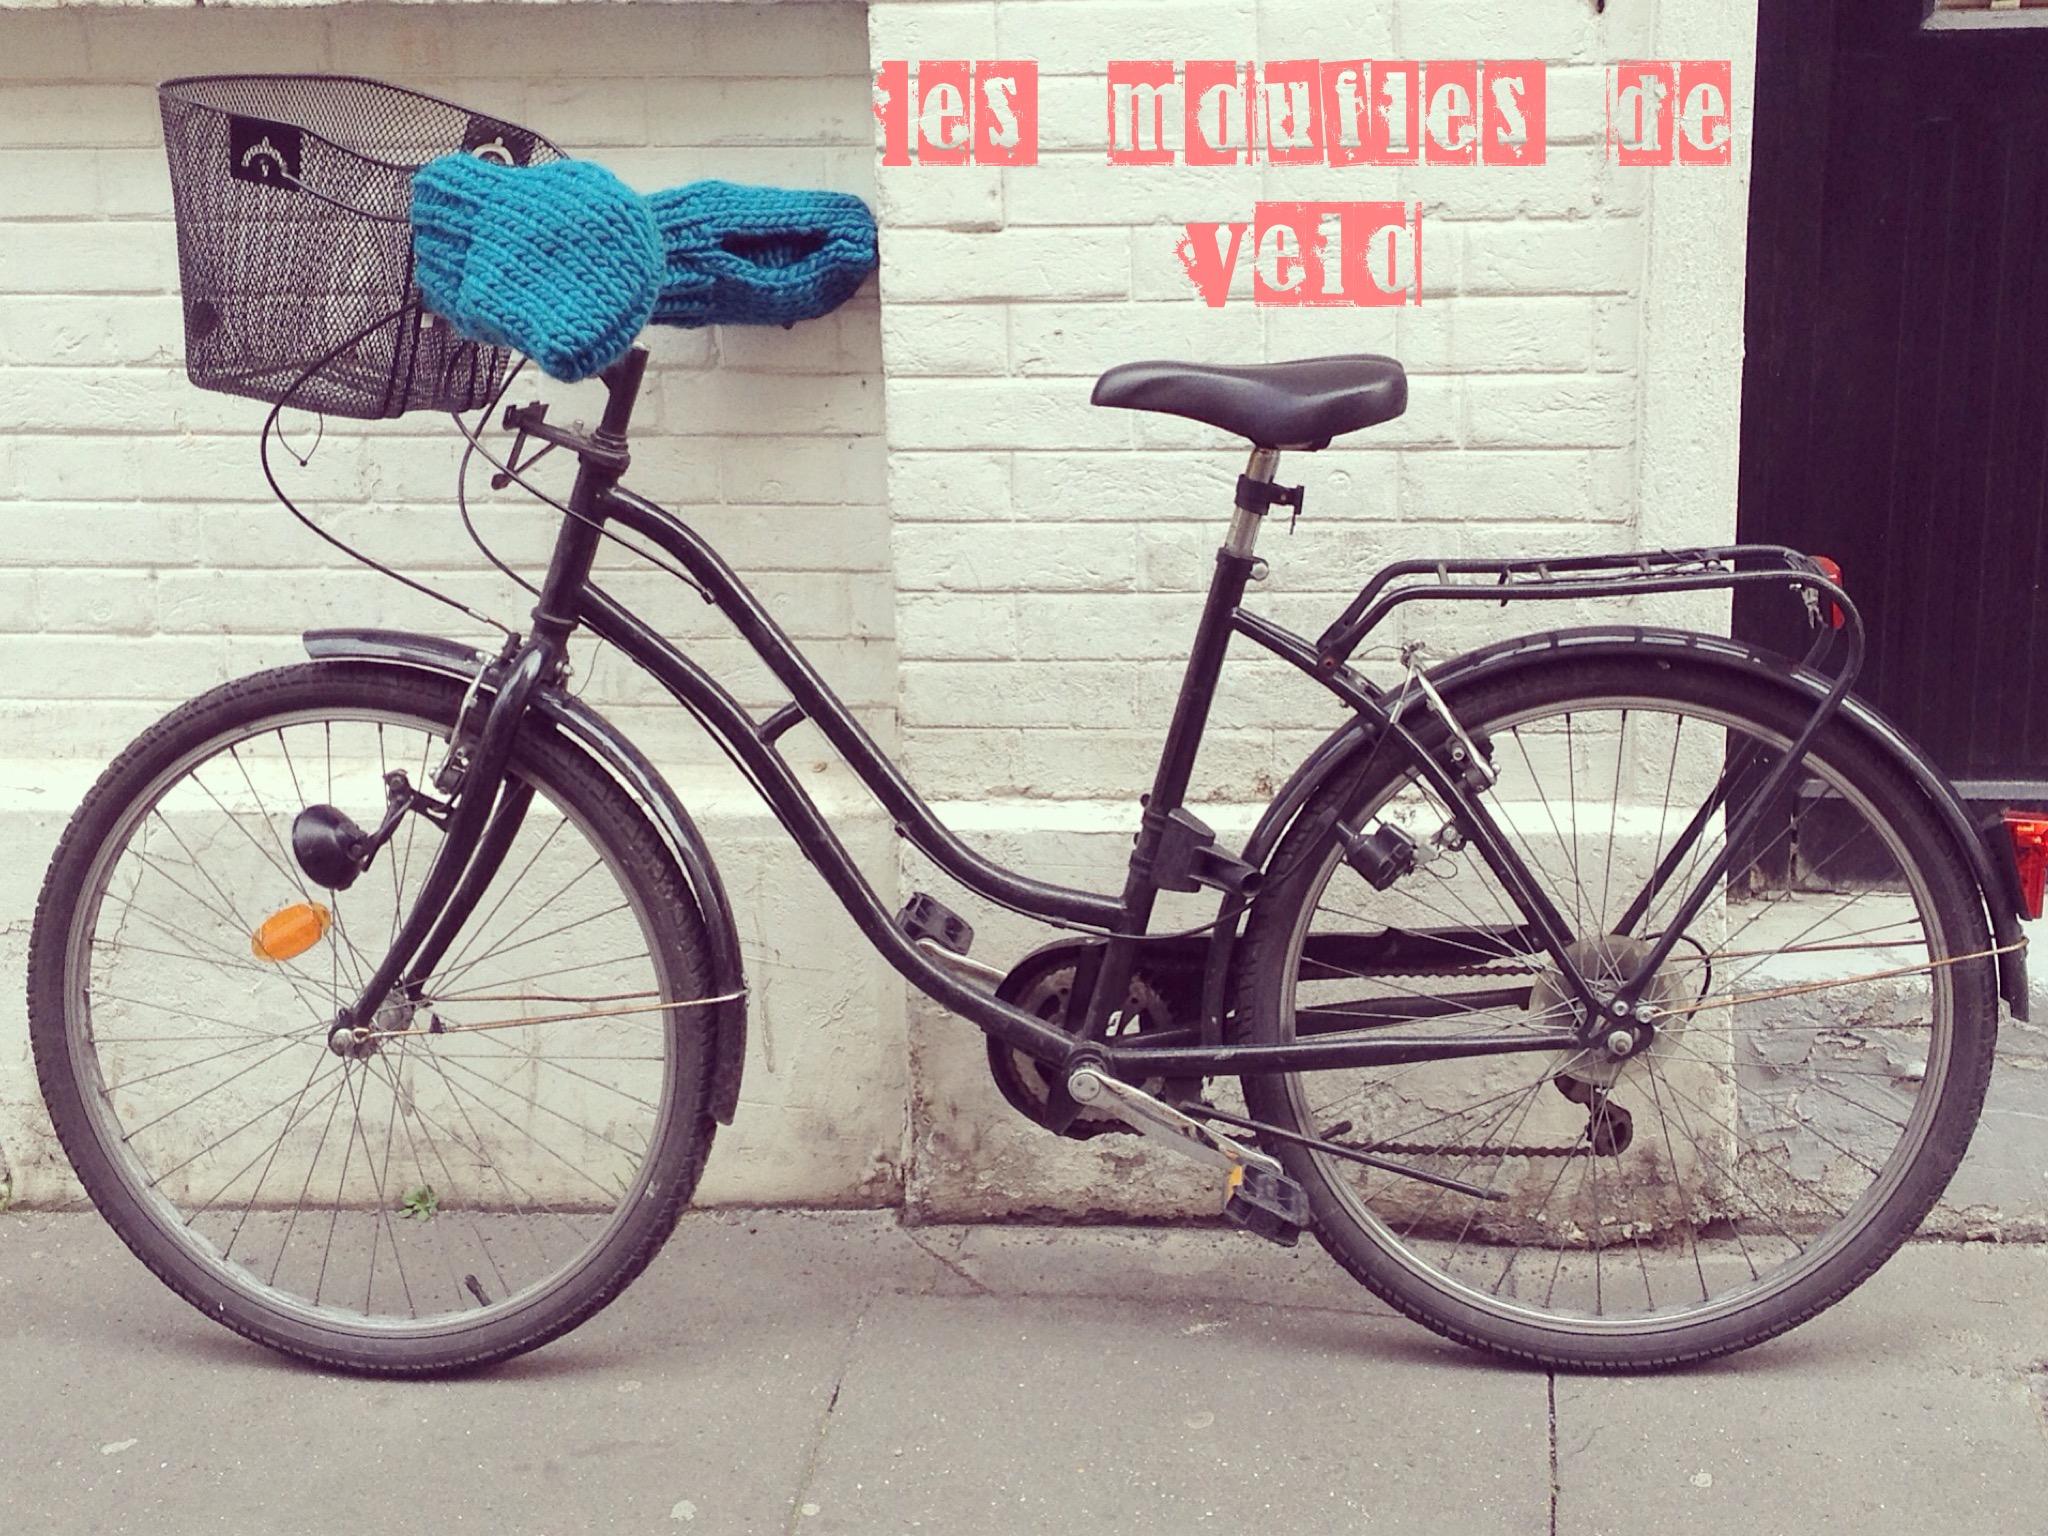 Les moufles de vélo